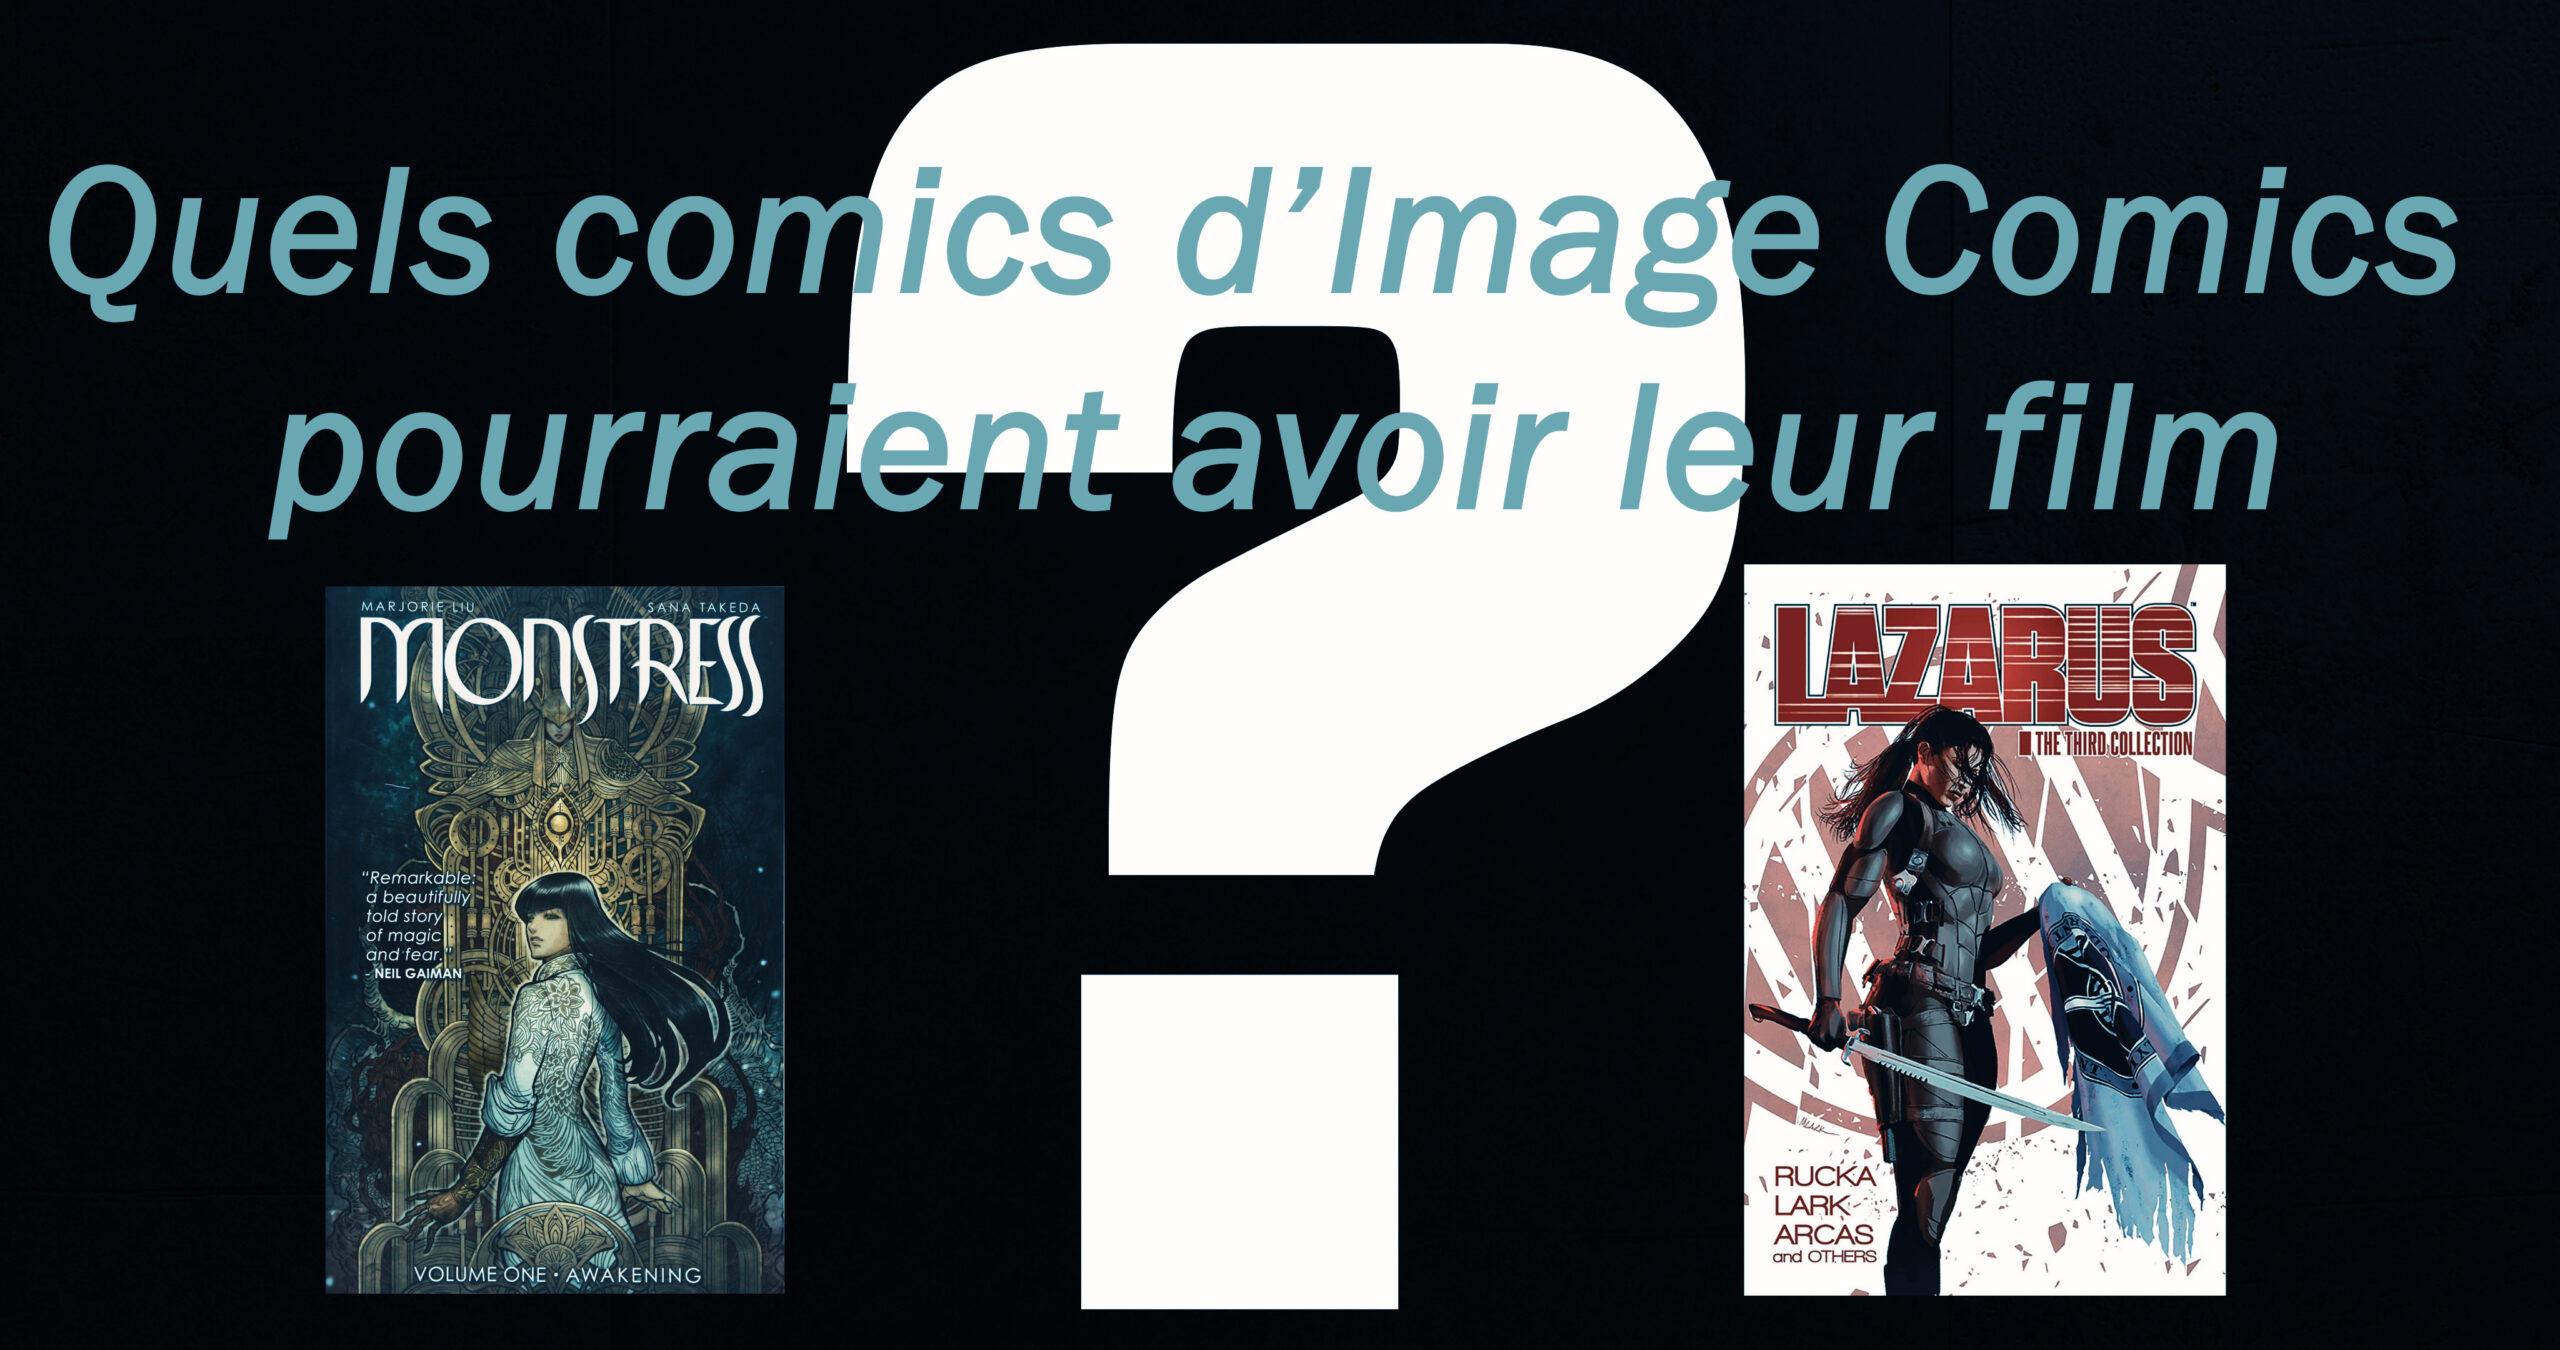 Quels comics d'Image Comics pourraient avoir leur film ?